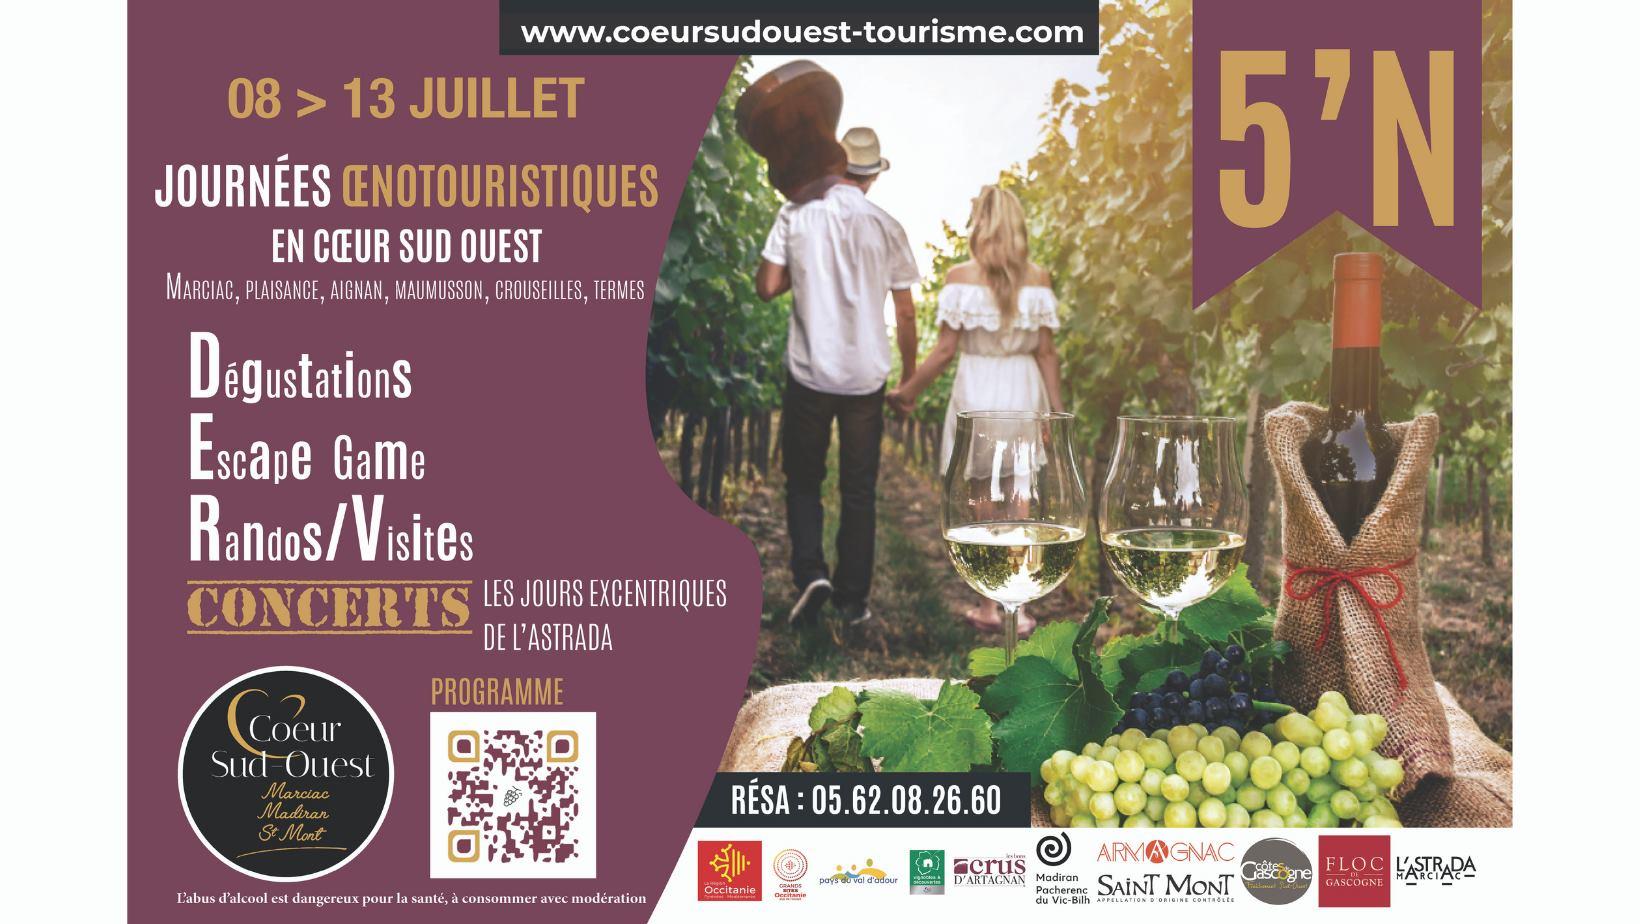 Informations Journée Oenotouristique